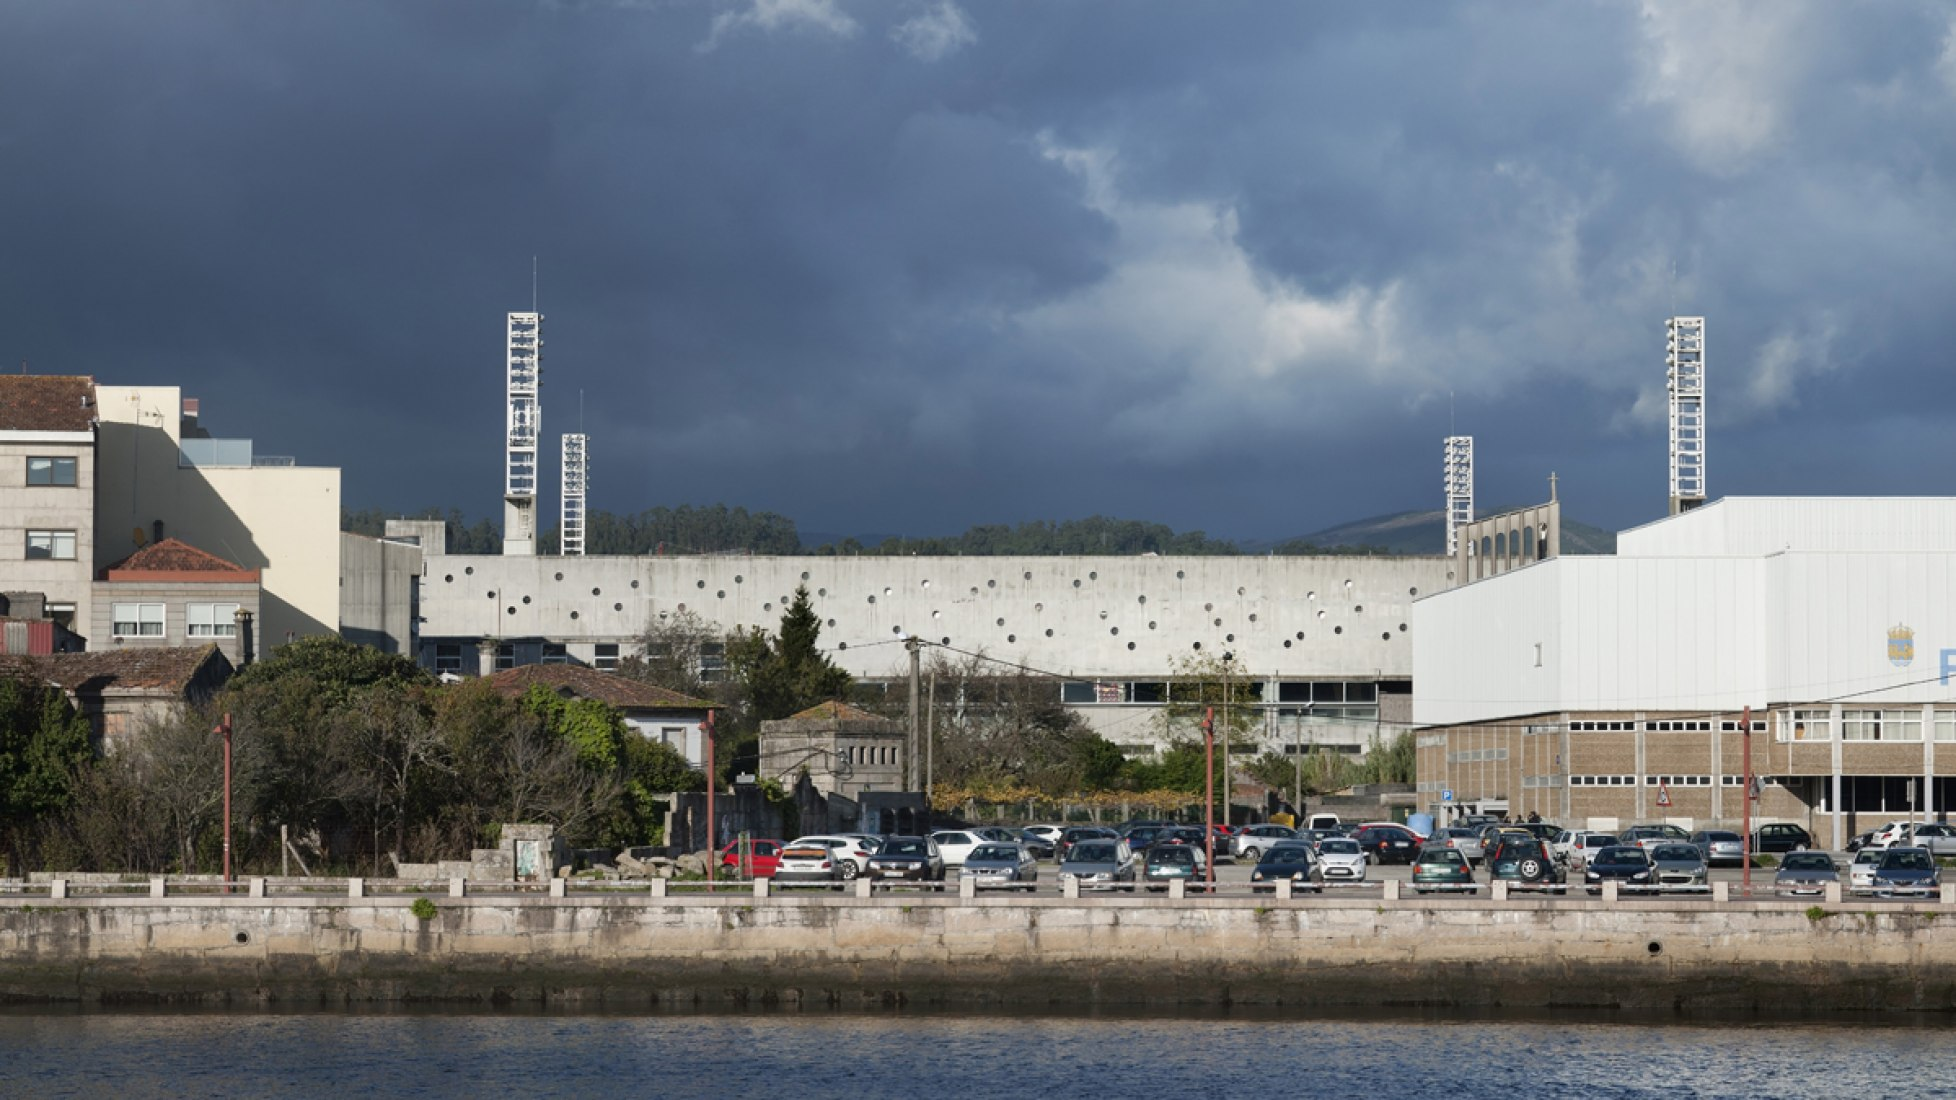 Nuevo Estadio de Pasarón, por Jesús Llamazares y Galo Zayas. Fotografía © Héctor Santos-Díez. Cortesía de ACXT Arquitectos.